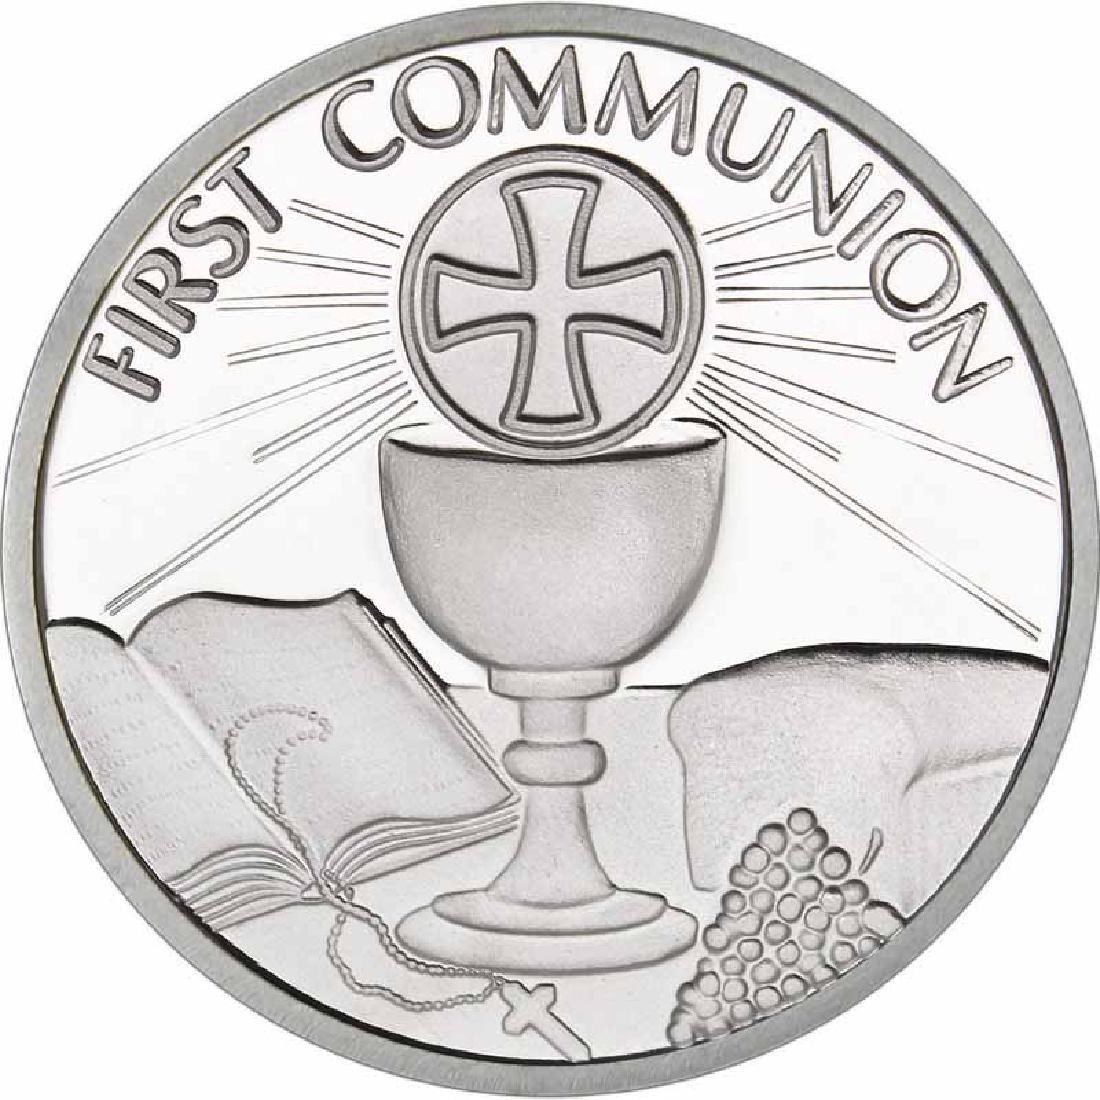 First Communion .999 Silver 1 oz Round